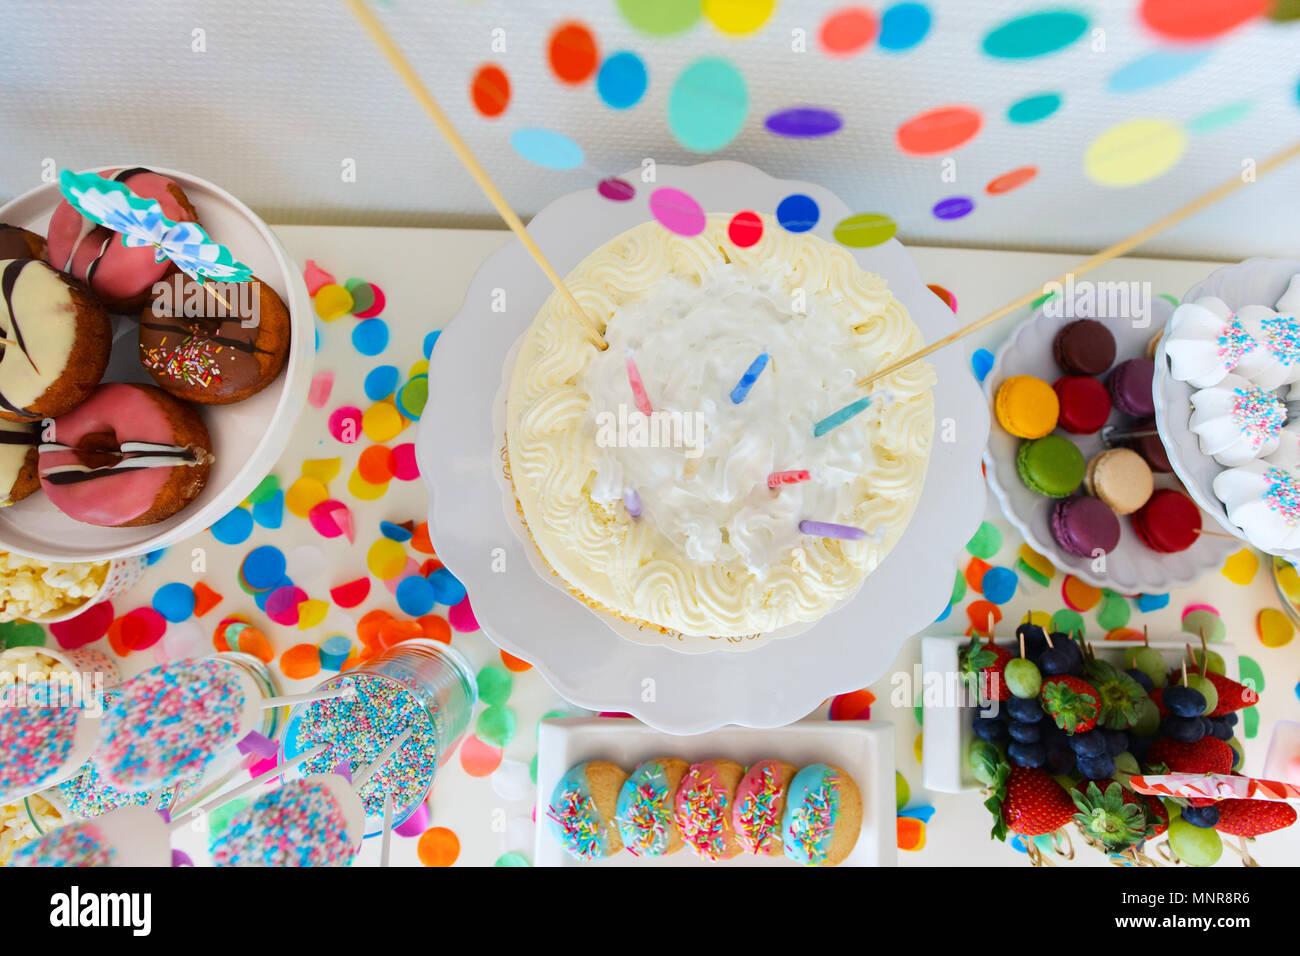 Kuchen Sussigkeiten Marshmallows Cakepops Fruchte Und Andere